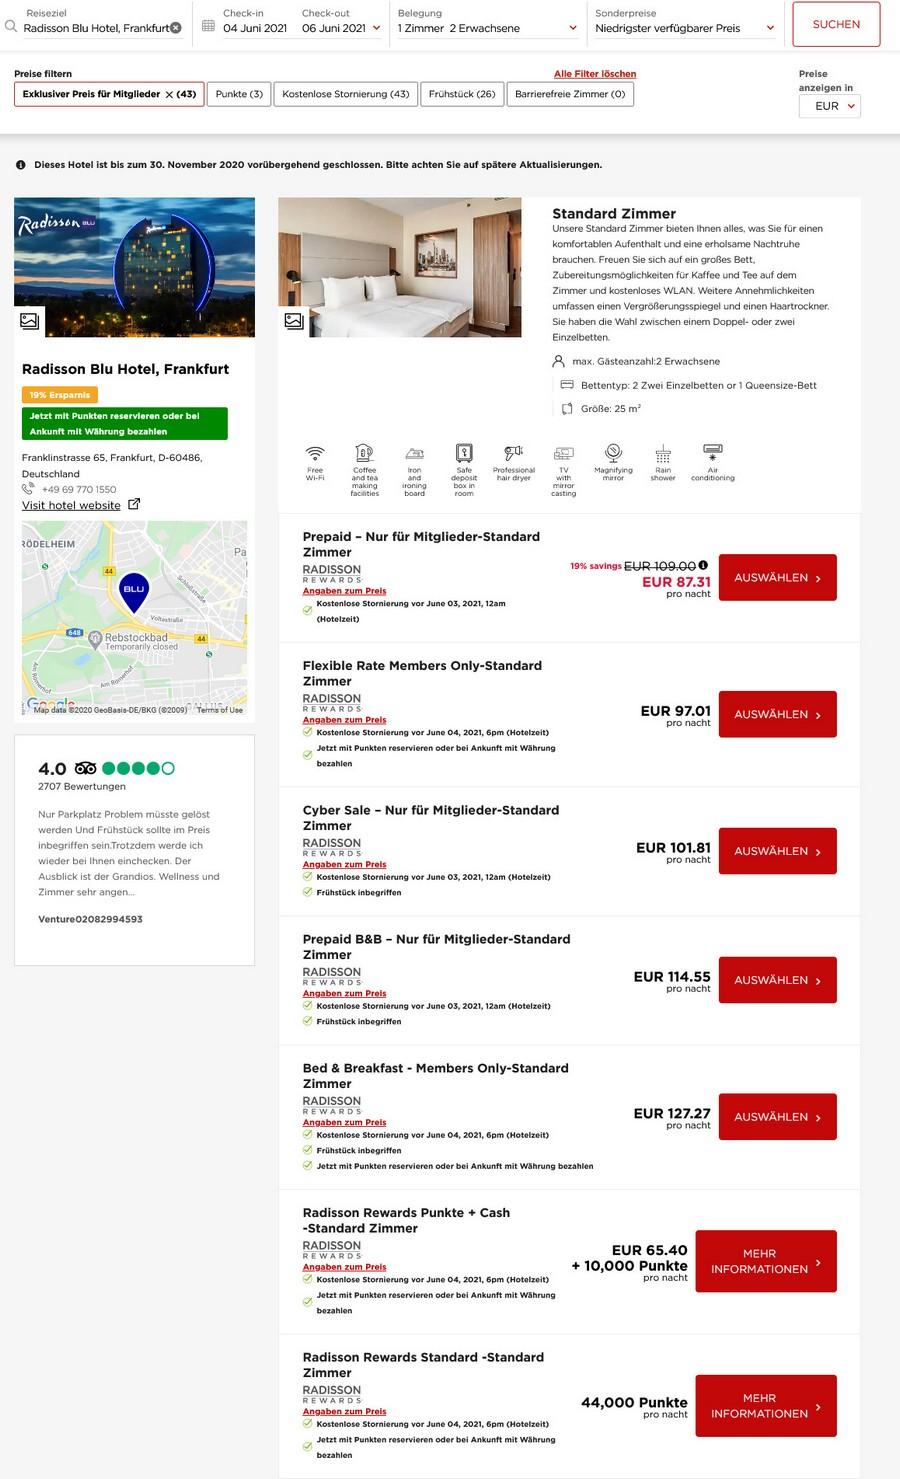 Preisbeispiel Radisson Blu Frankfurt - Vergleich aller Zimmer